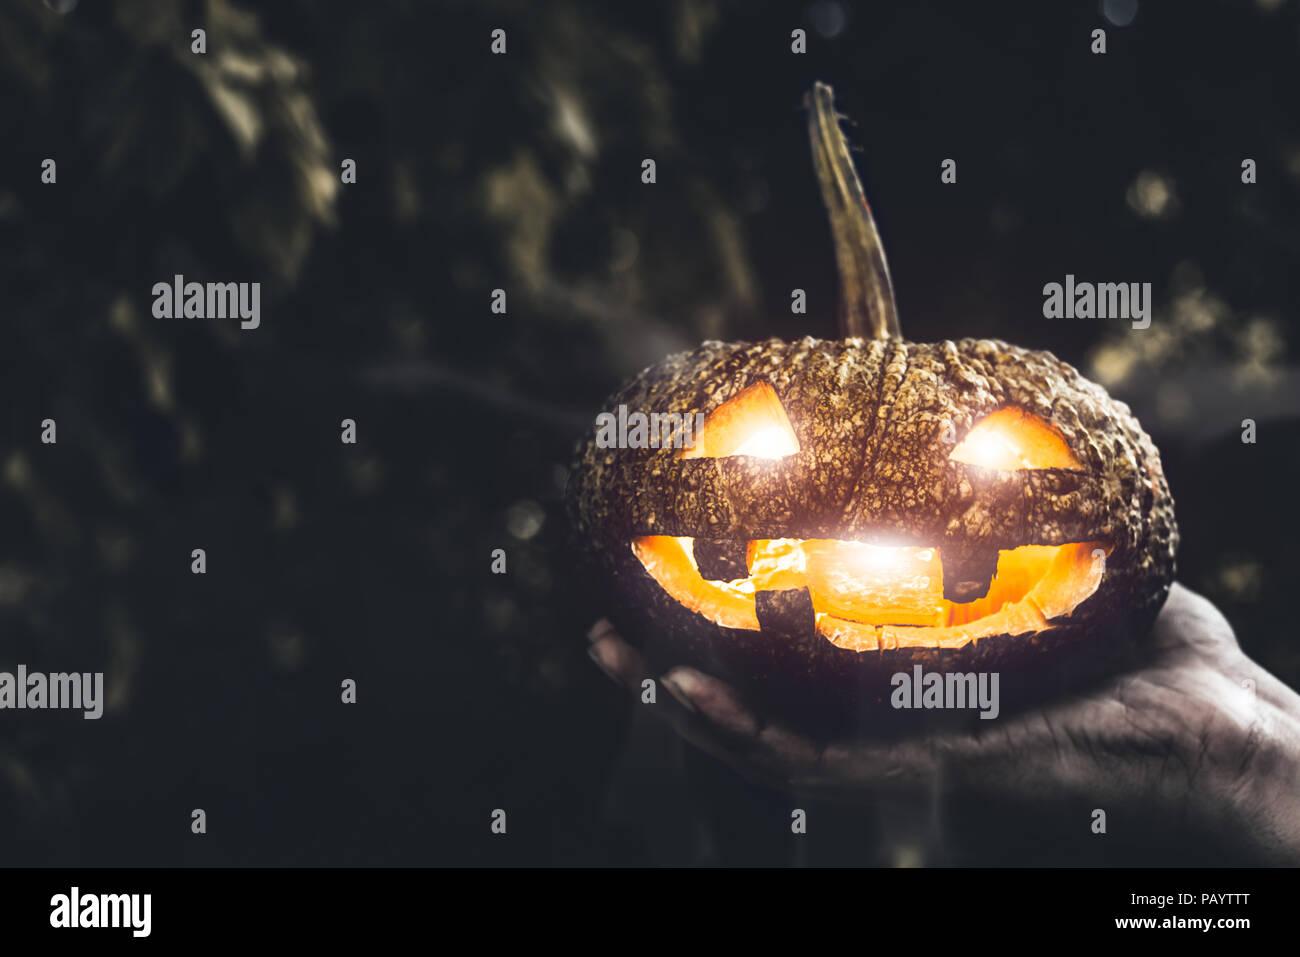 Calabaza de Halloween en la mano, y la Religión El concepto de vacaciones. Calabaza Fantasma en el tema. Brujería y misterio tema hechizo. Imagen De Stock